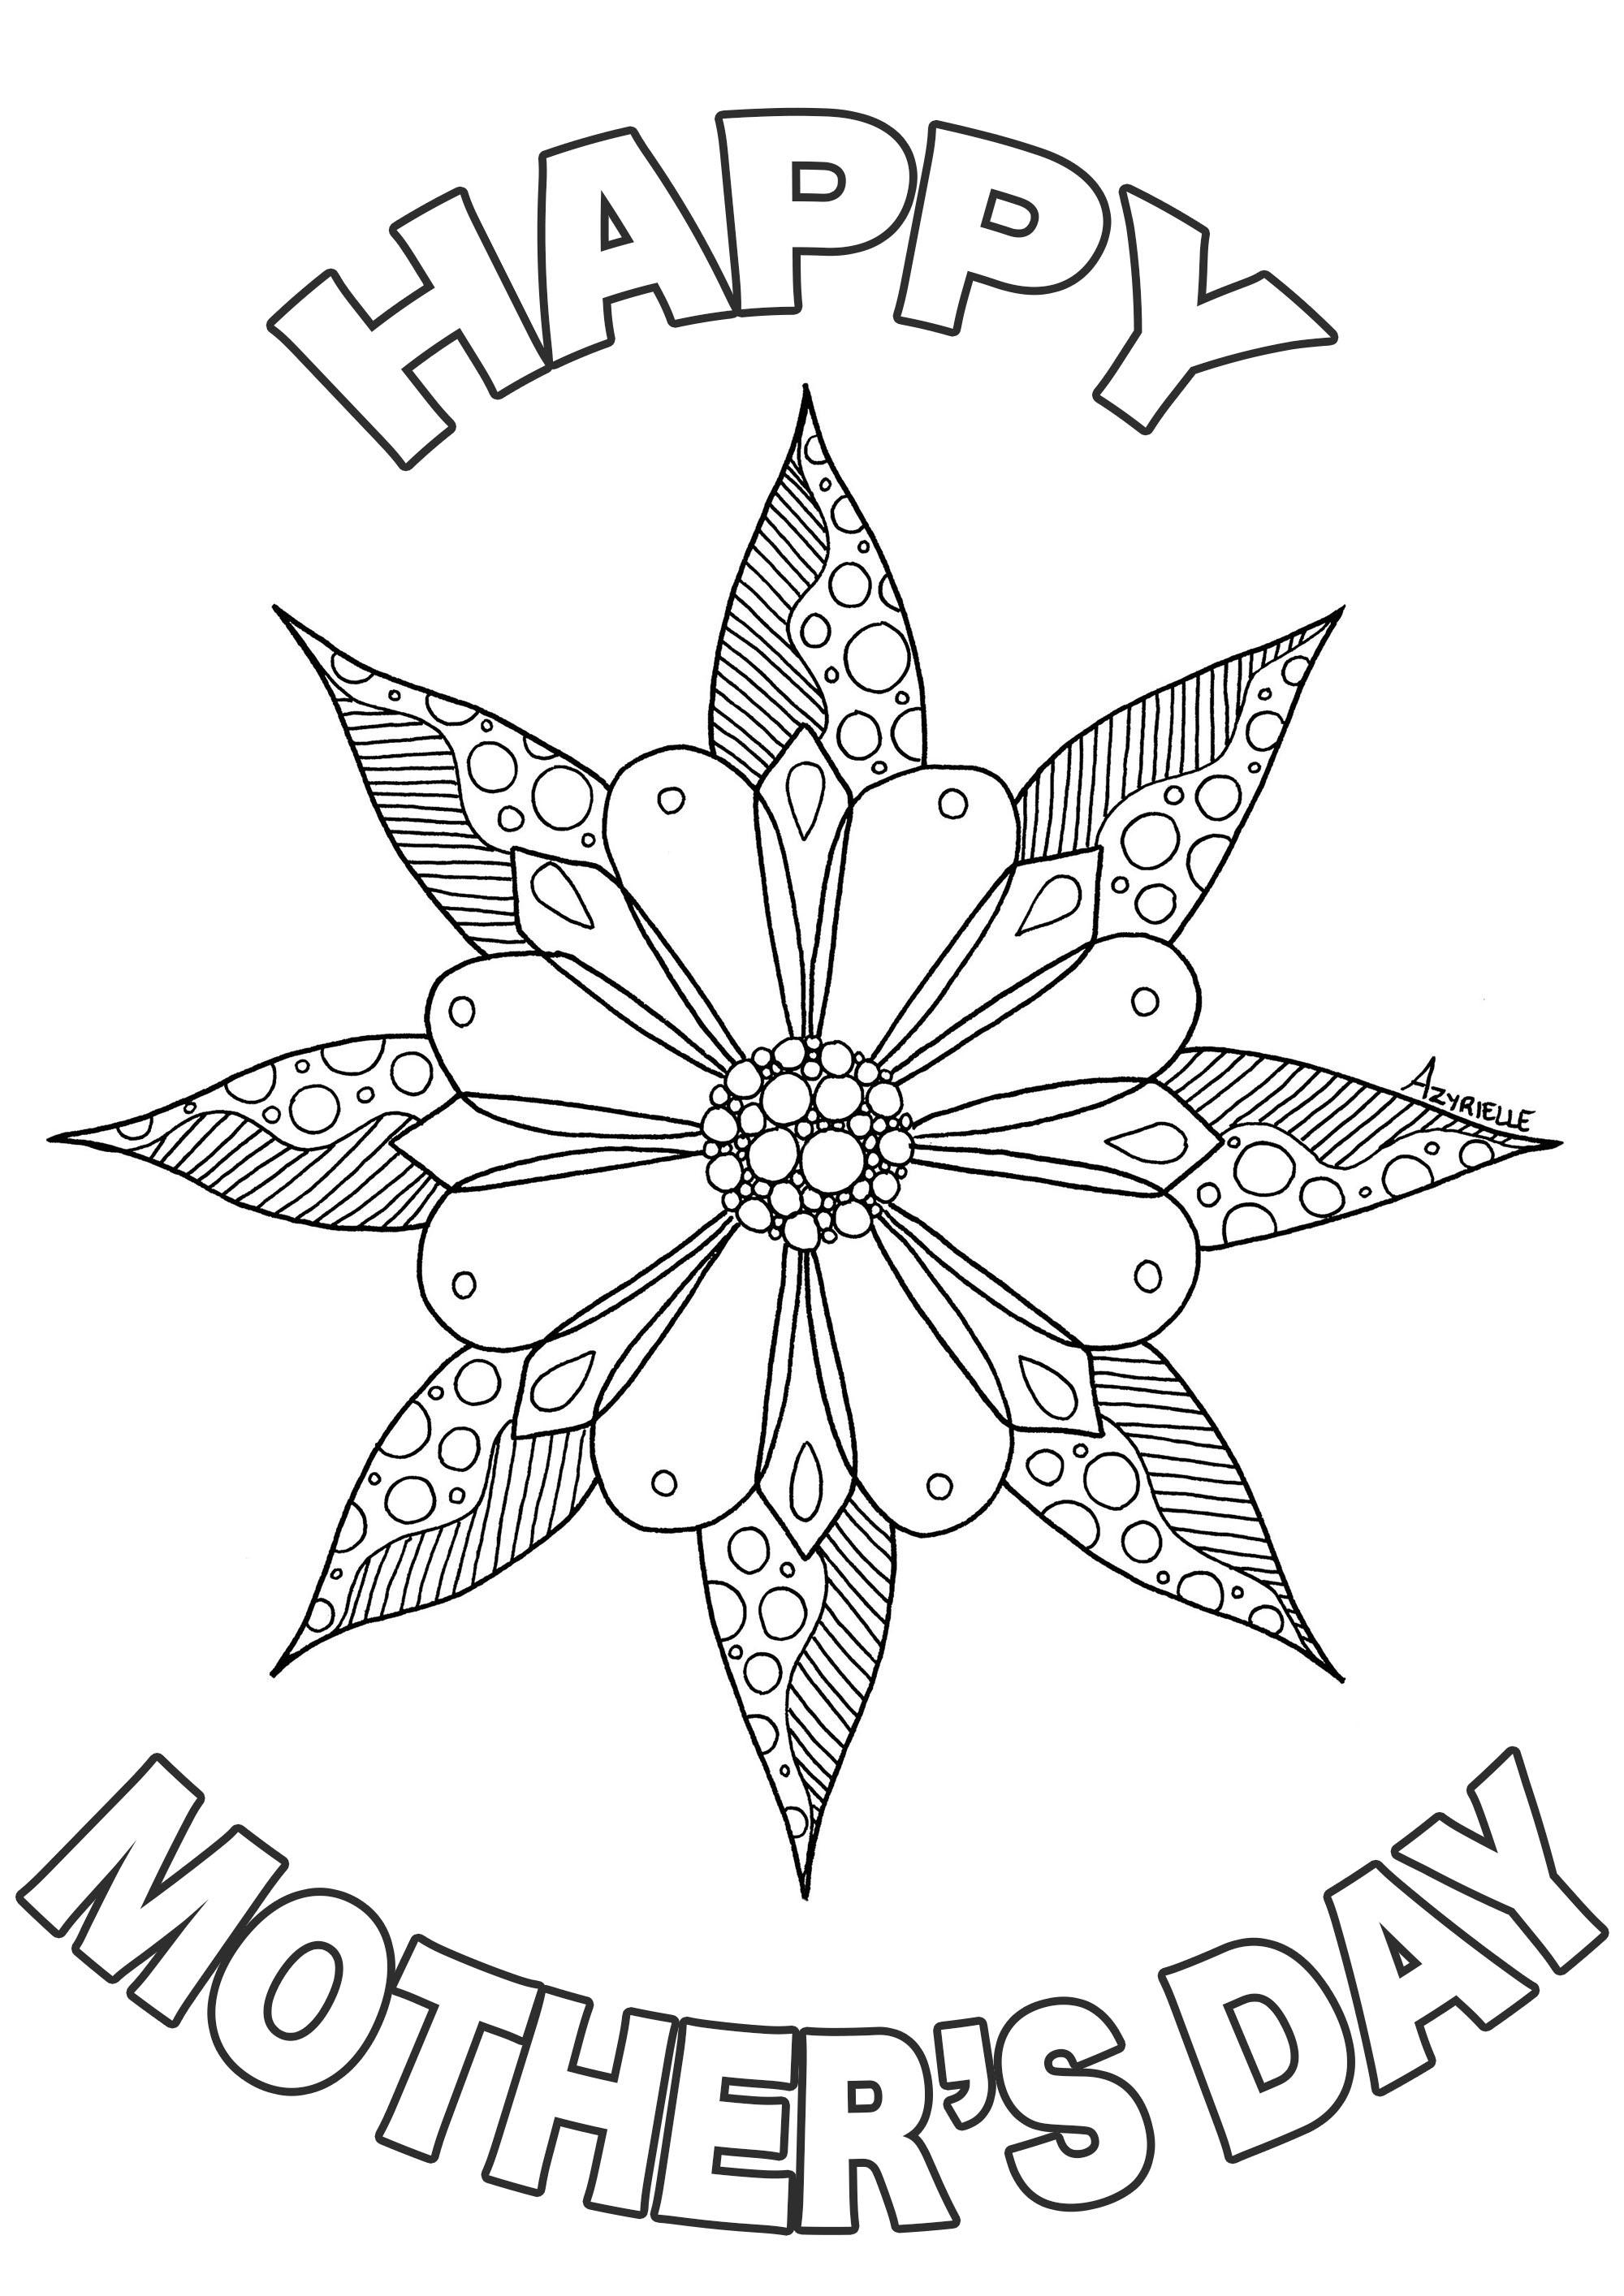 Muttertag 29037 - Muttertag - Malbuch Fur Erwachsene